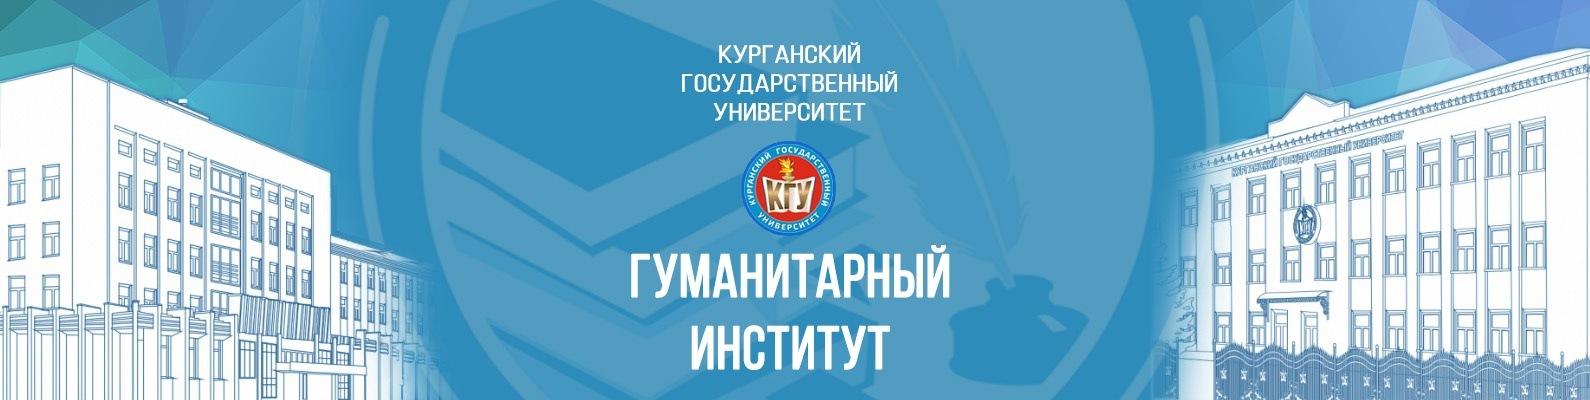 организация бухгалтерского обслуживания бюджетного учреждения